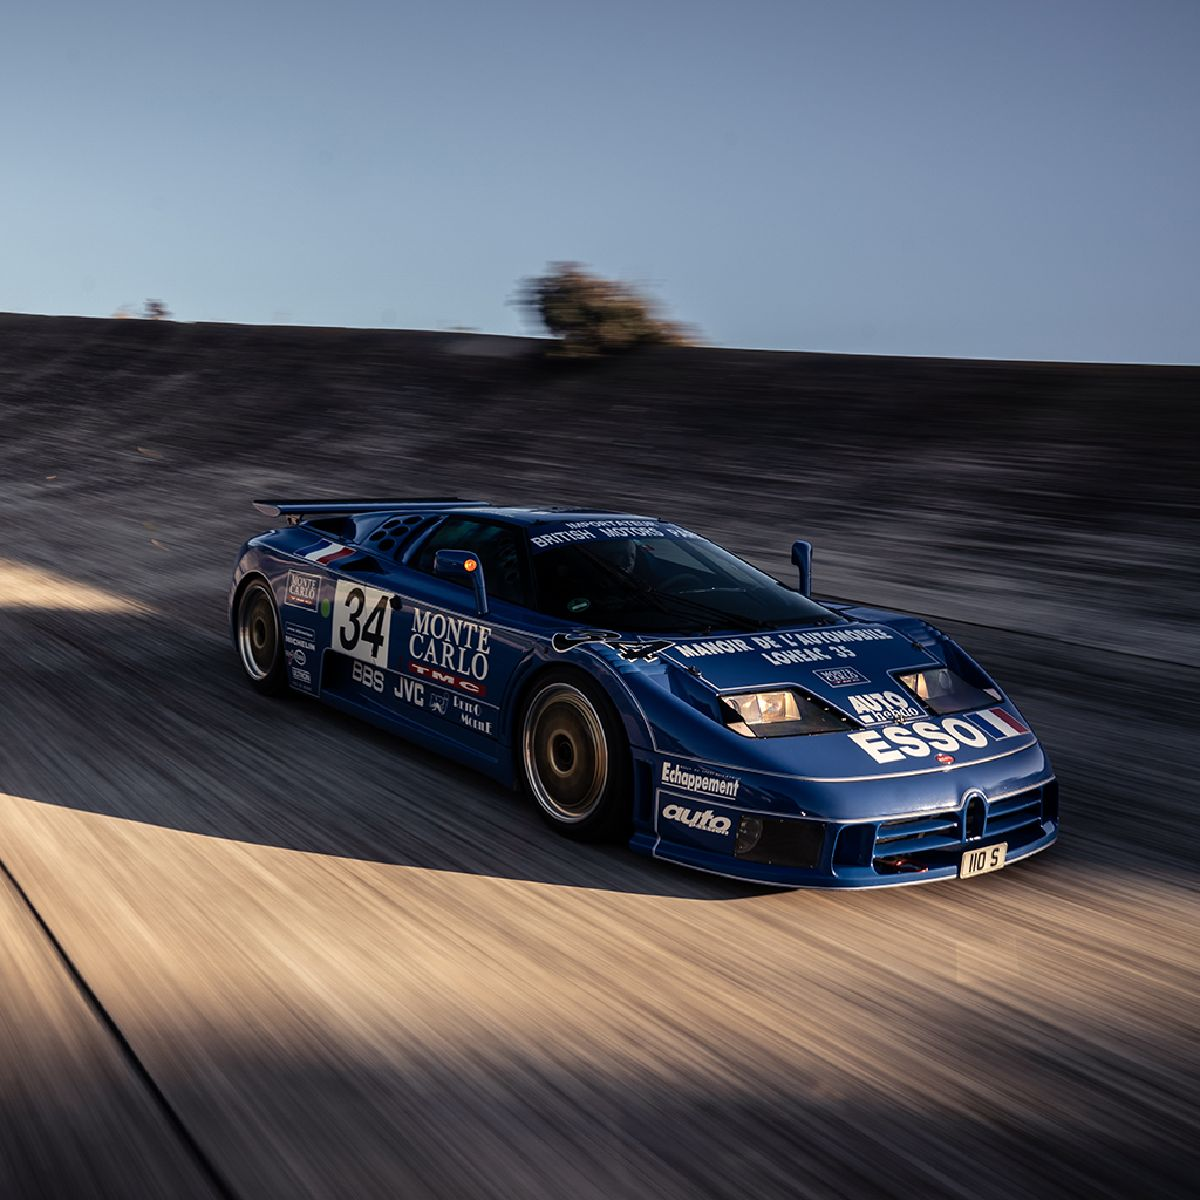 Top gear race across japan